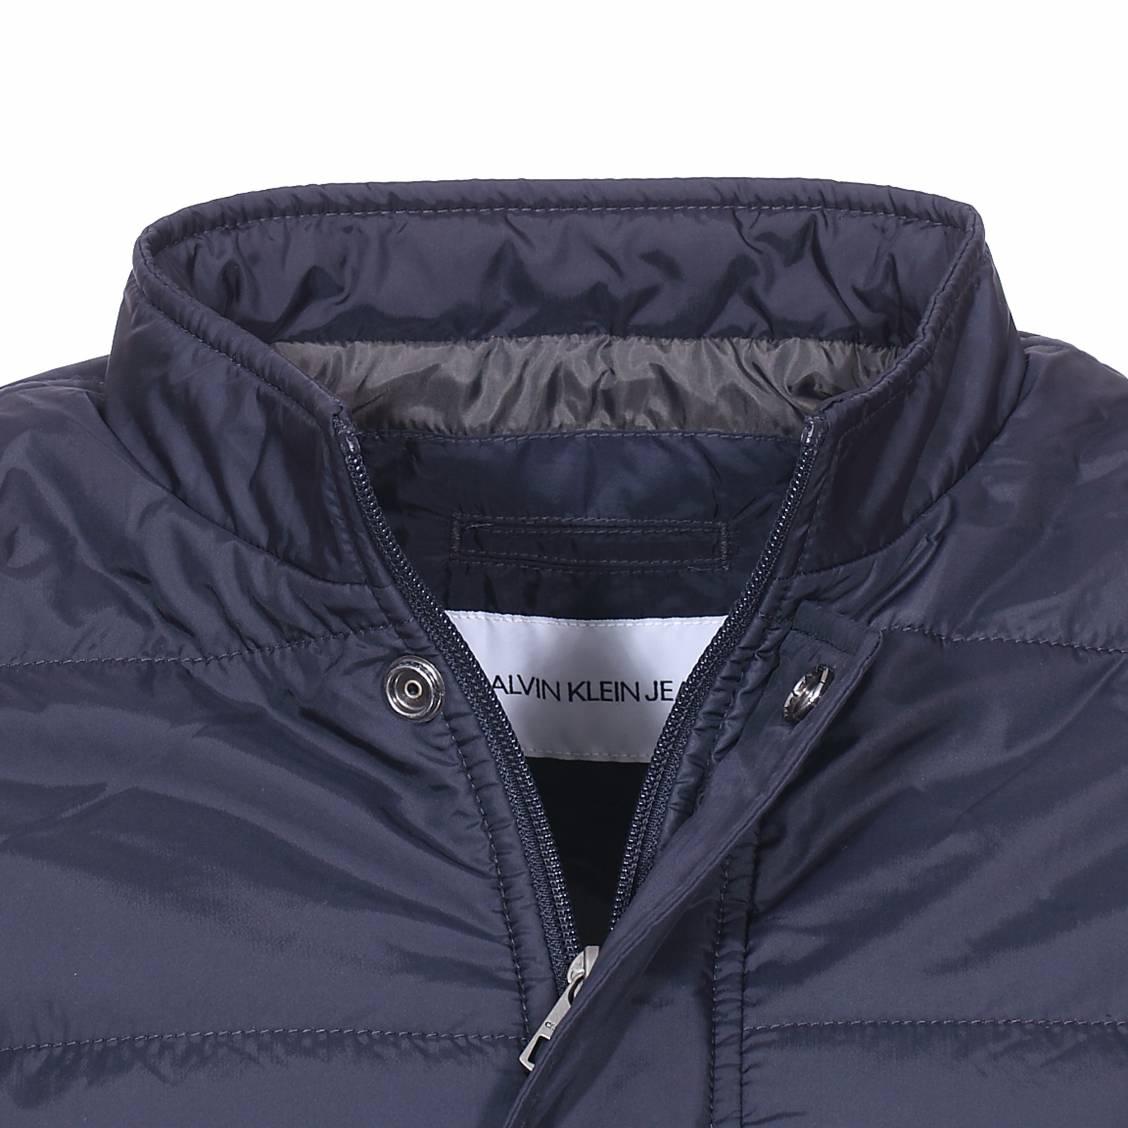 super popular 8ce4b ad5cd Blouson matelasse Calvin Klein Jeans bleu nuit-2-0 1128x1128.jpg